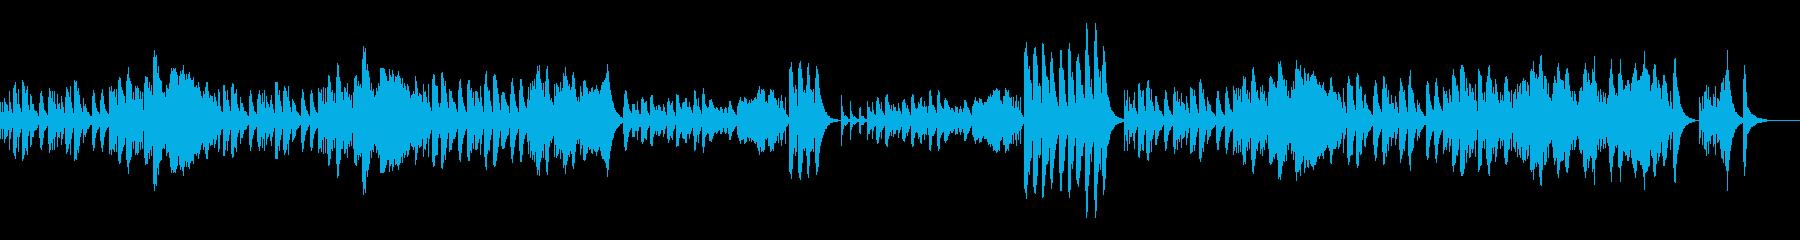 かわいいゆったりとしたオルゴールの再生済みの波形